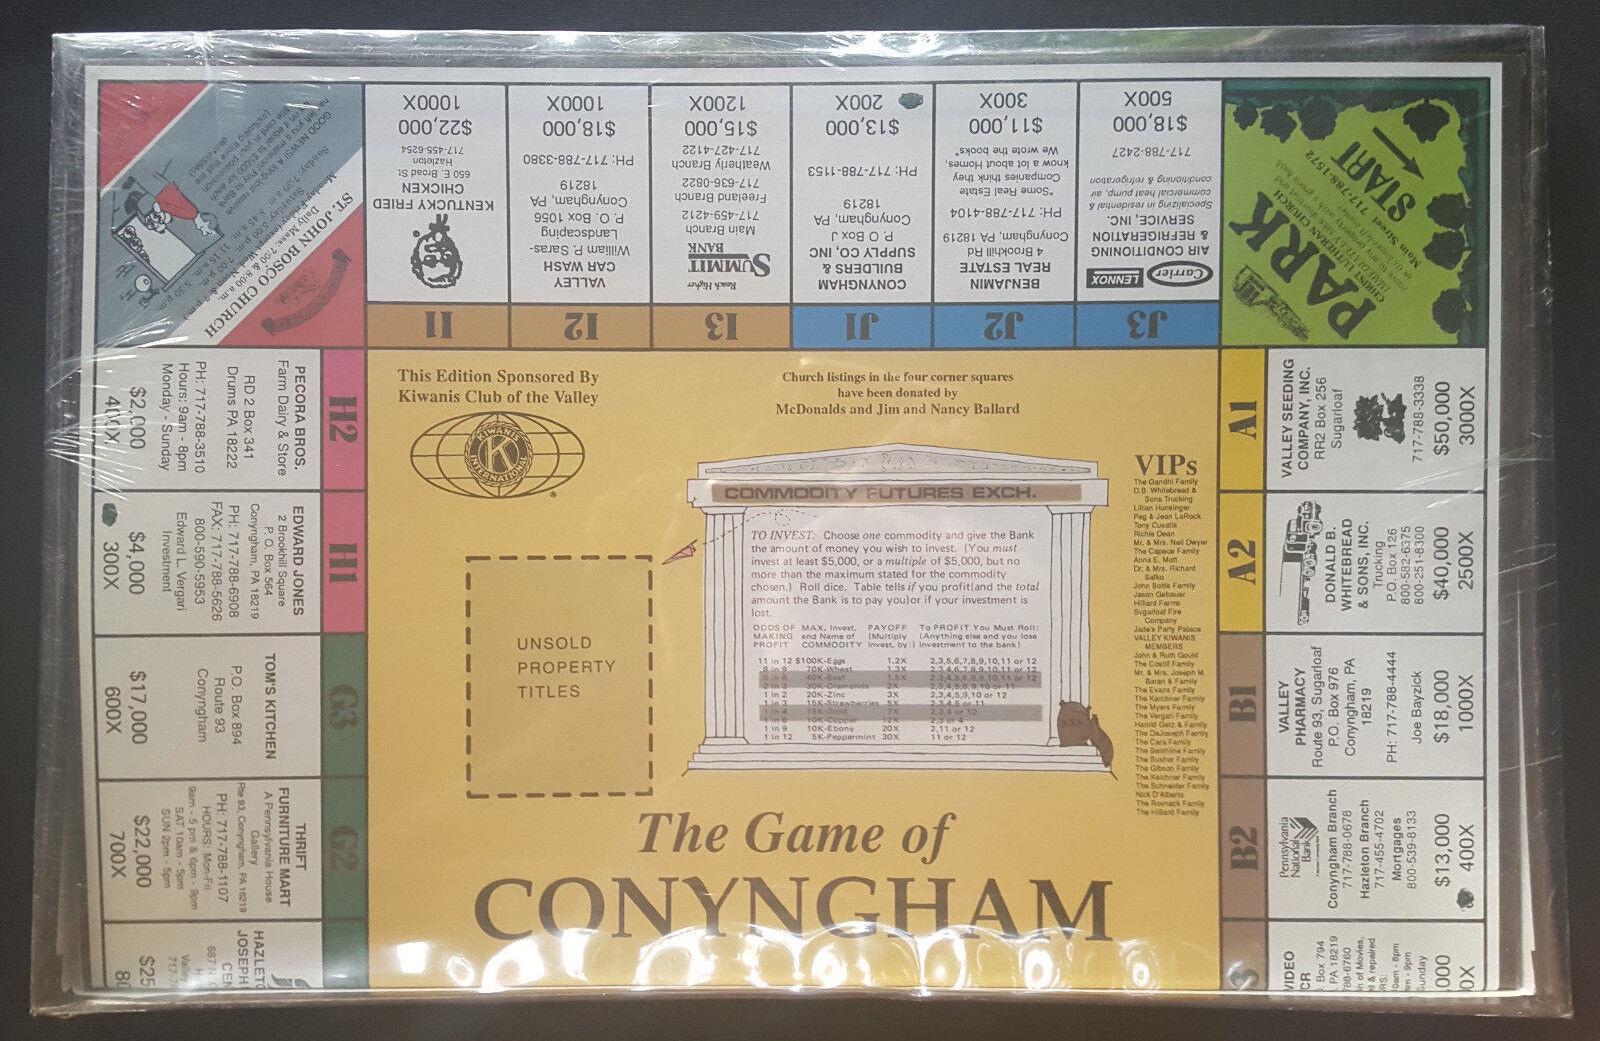 Das spiel der conyngham - vintage - brettspiel zu ehren conyngham - neu   versiegelt